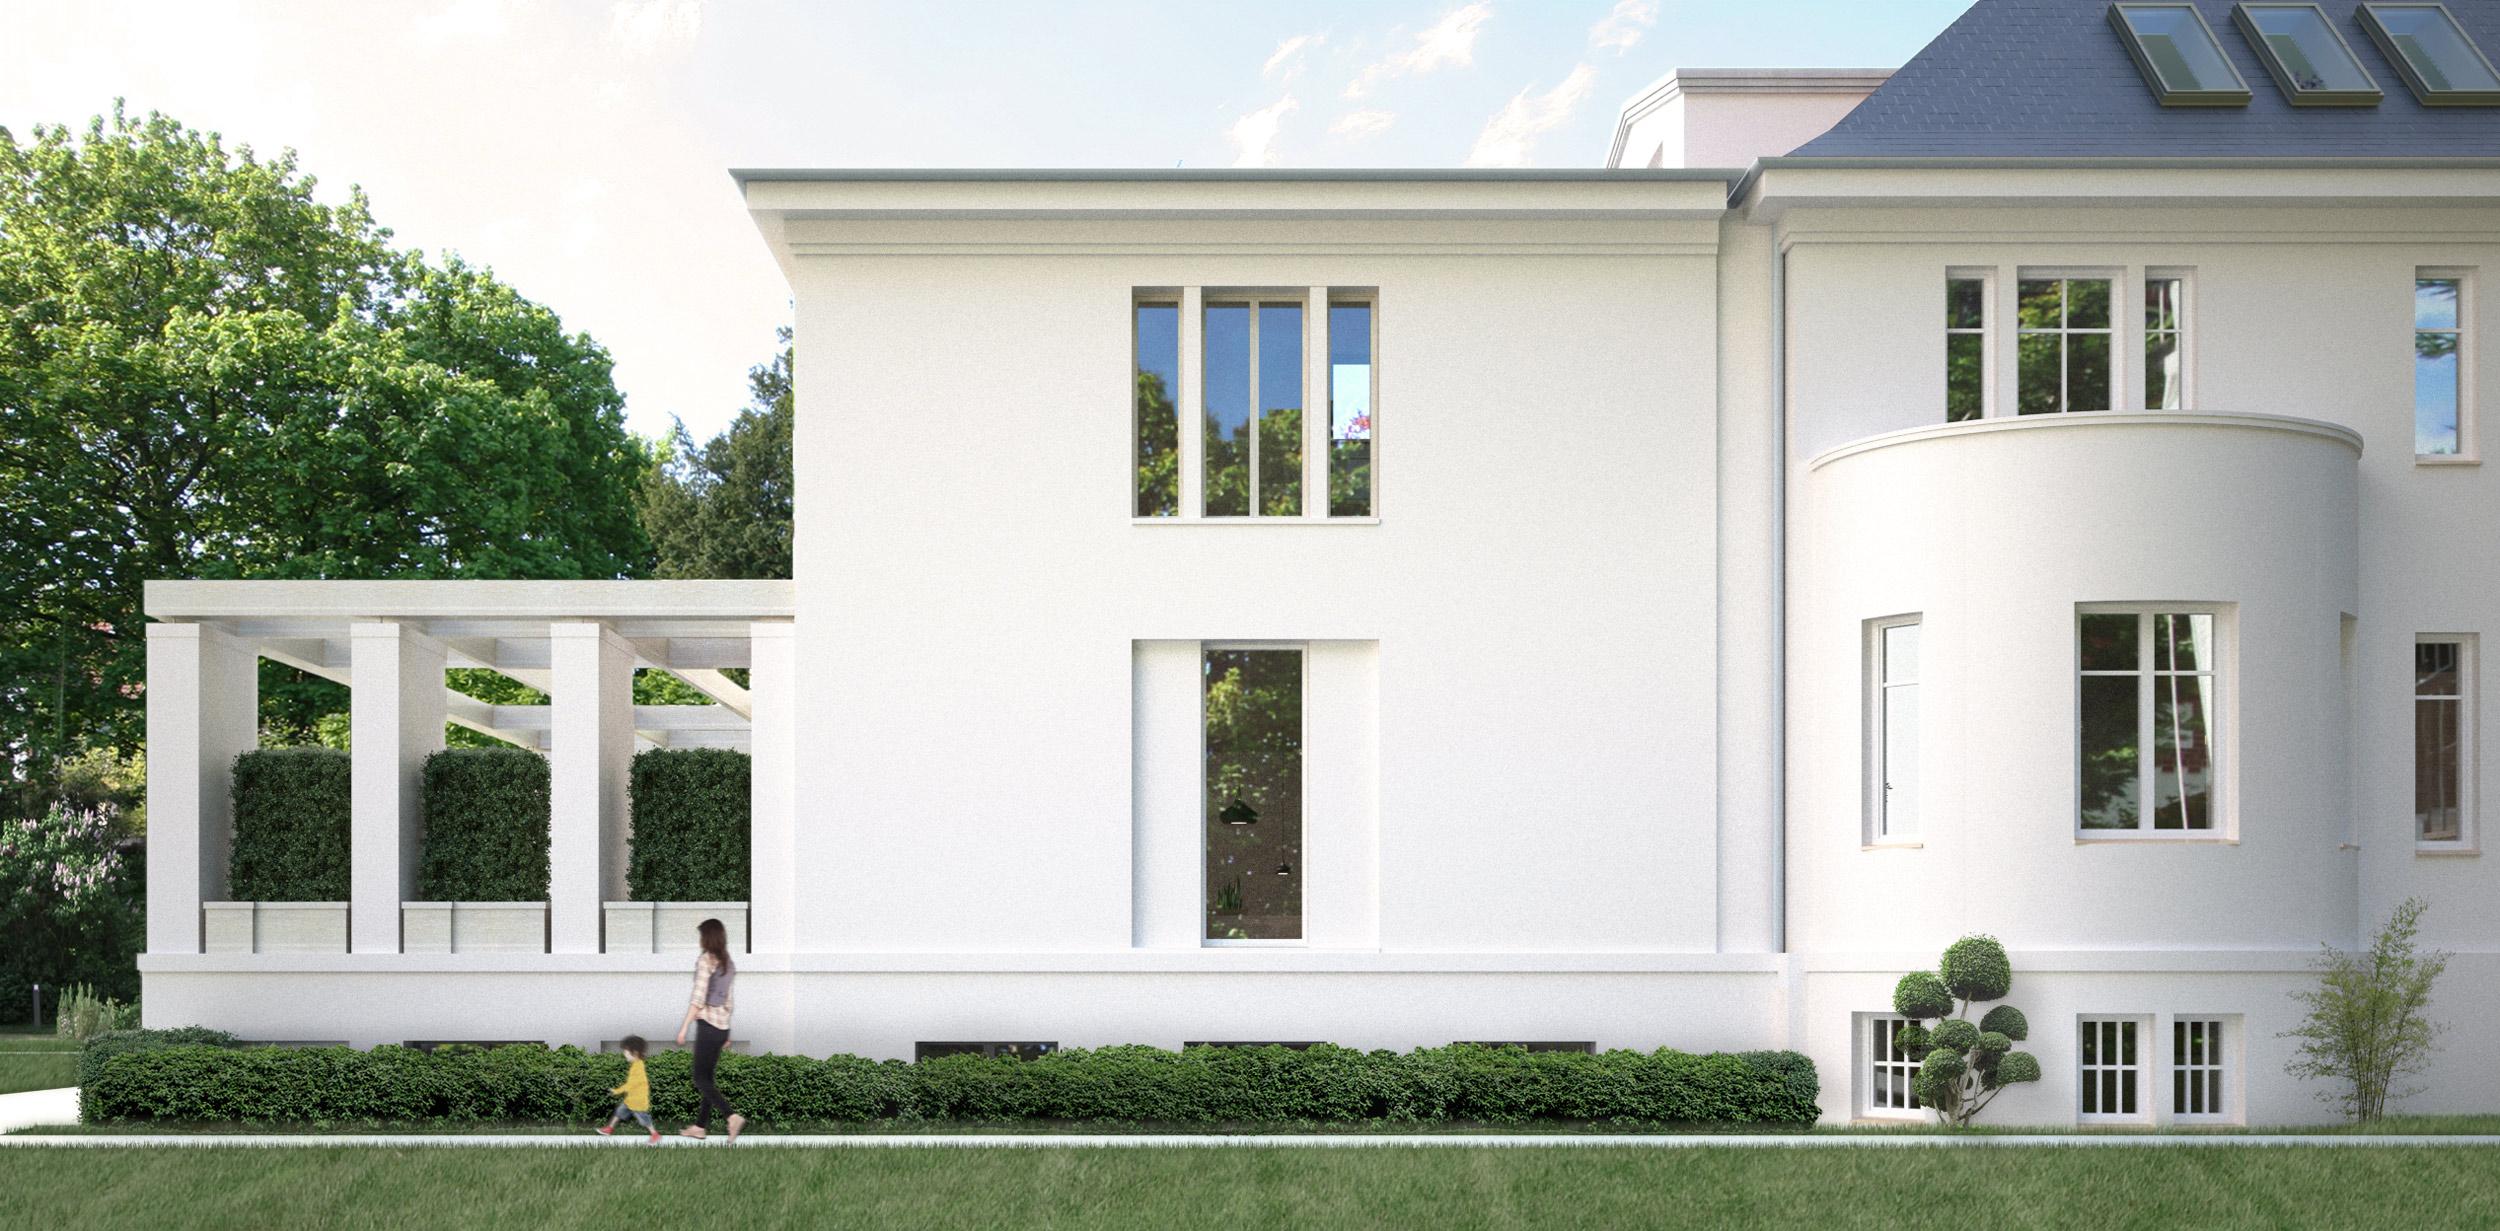 HAUS AM HAUS - Erweiterung einer Dahlemer Stadtvilla - Der Kubus des Bestandsbaus wurde exakt gespiegelt und modern interpretiert.